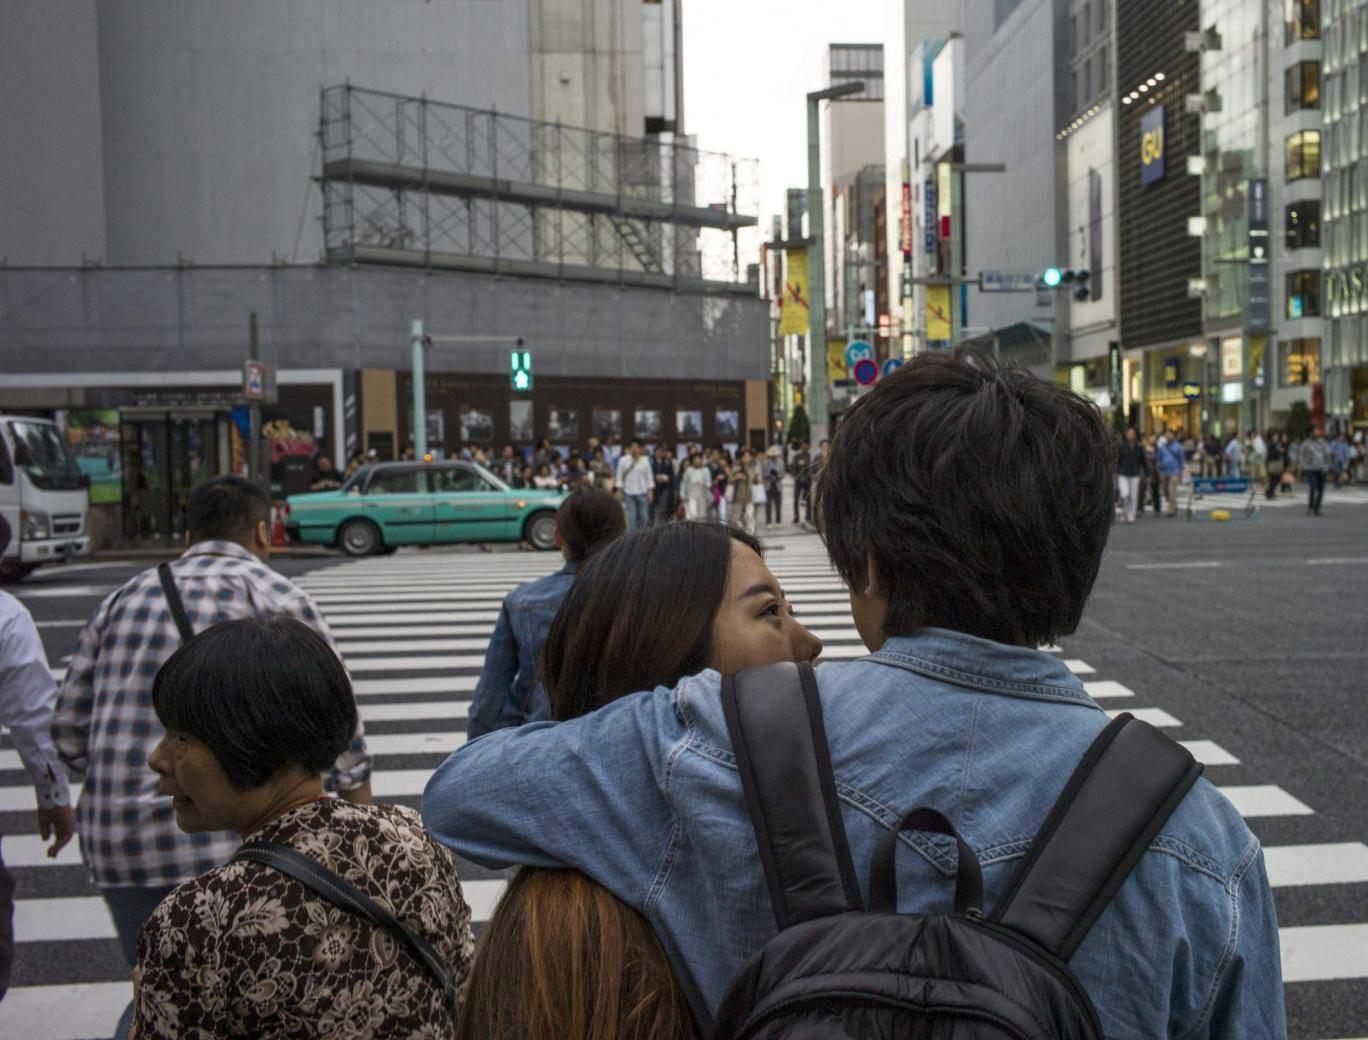 """Câu chuyện """"lười chăn gối"""" ngày càng phổ biến ở các cặp vợ chồng Nhật Bản: Khi áp lực công việc không phải lý do duy nhất - Ảnh 1."""